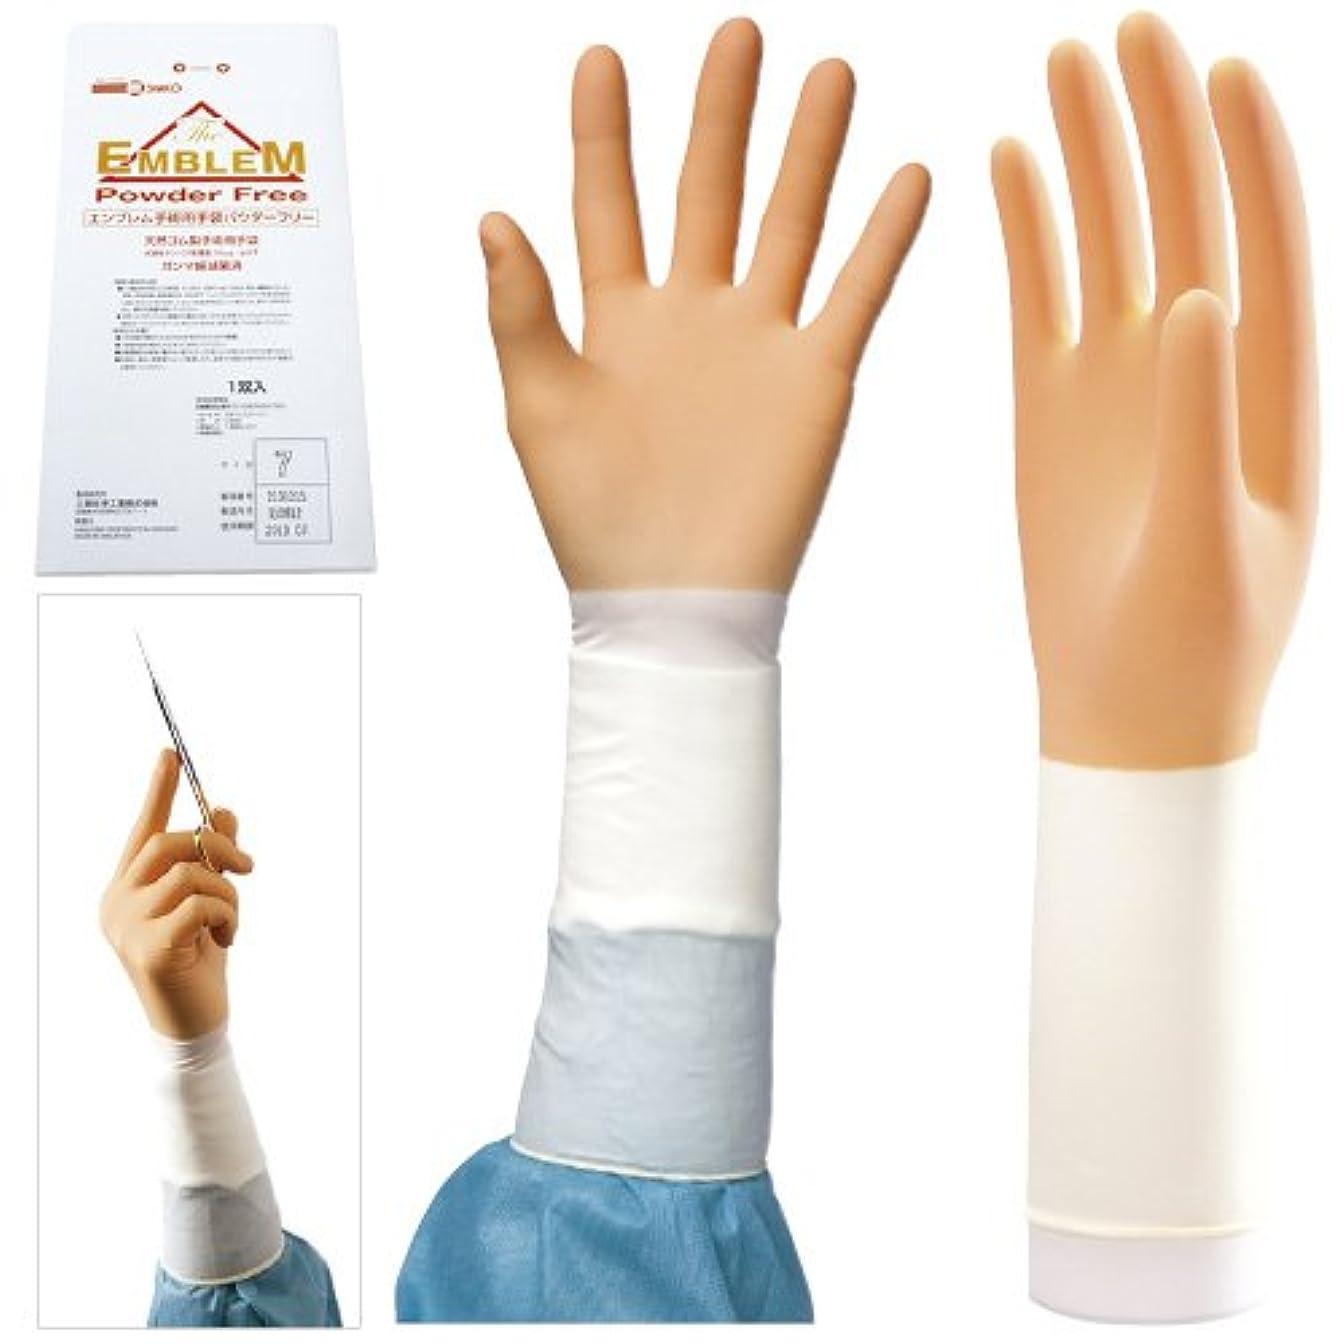 タンクロボット悩みエンブレム手術用手袋 パウダーフリー NEW(20双入) 5